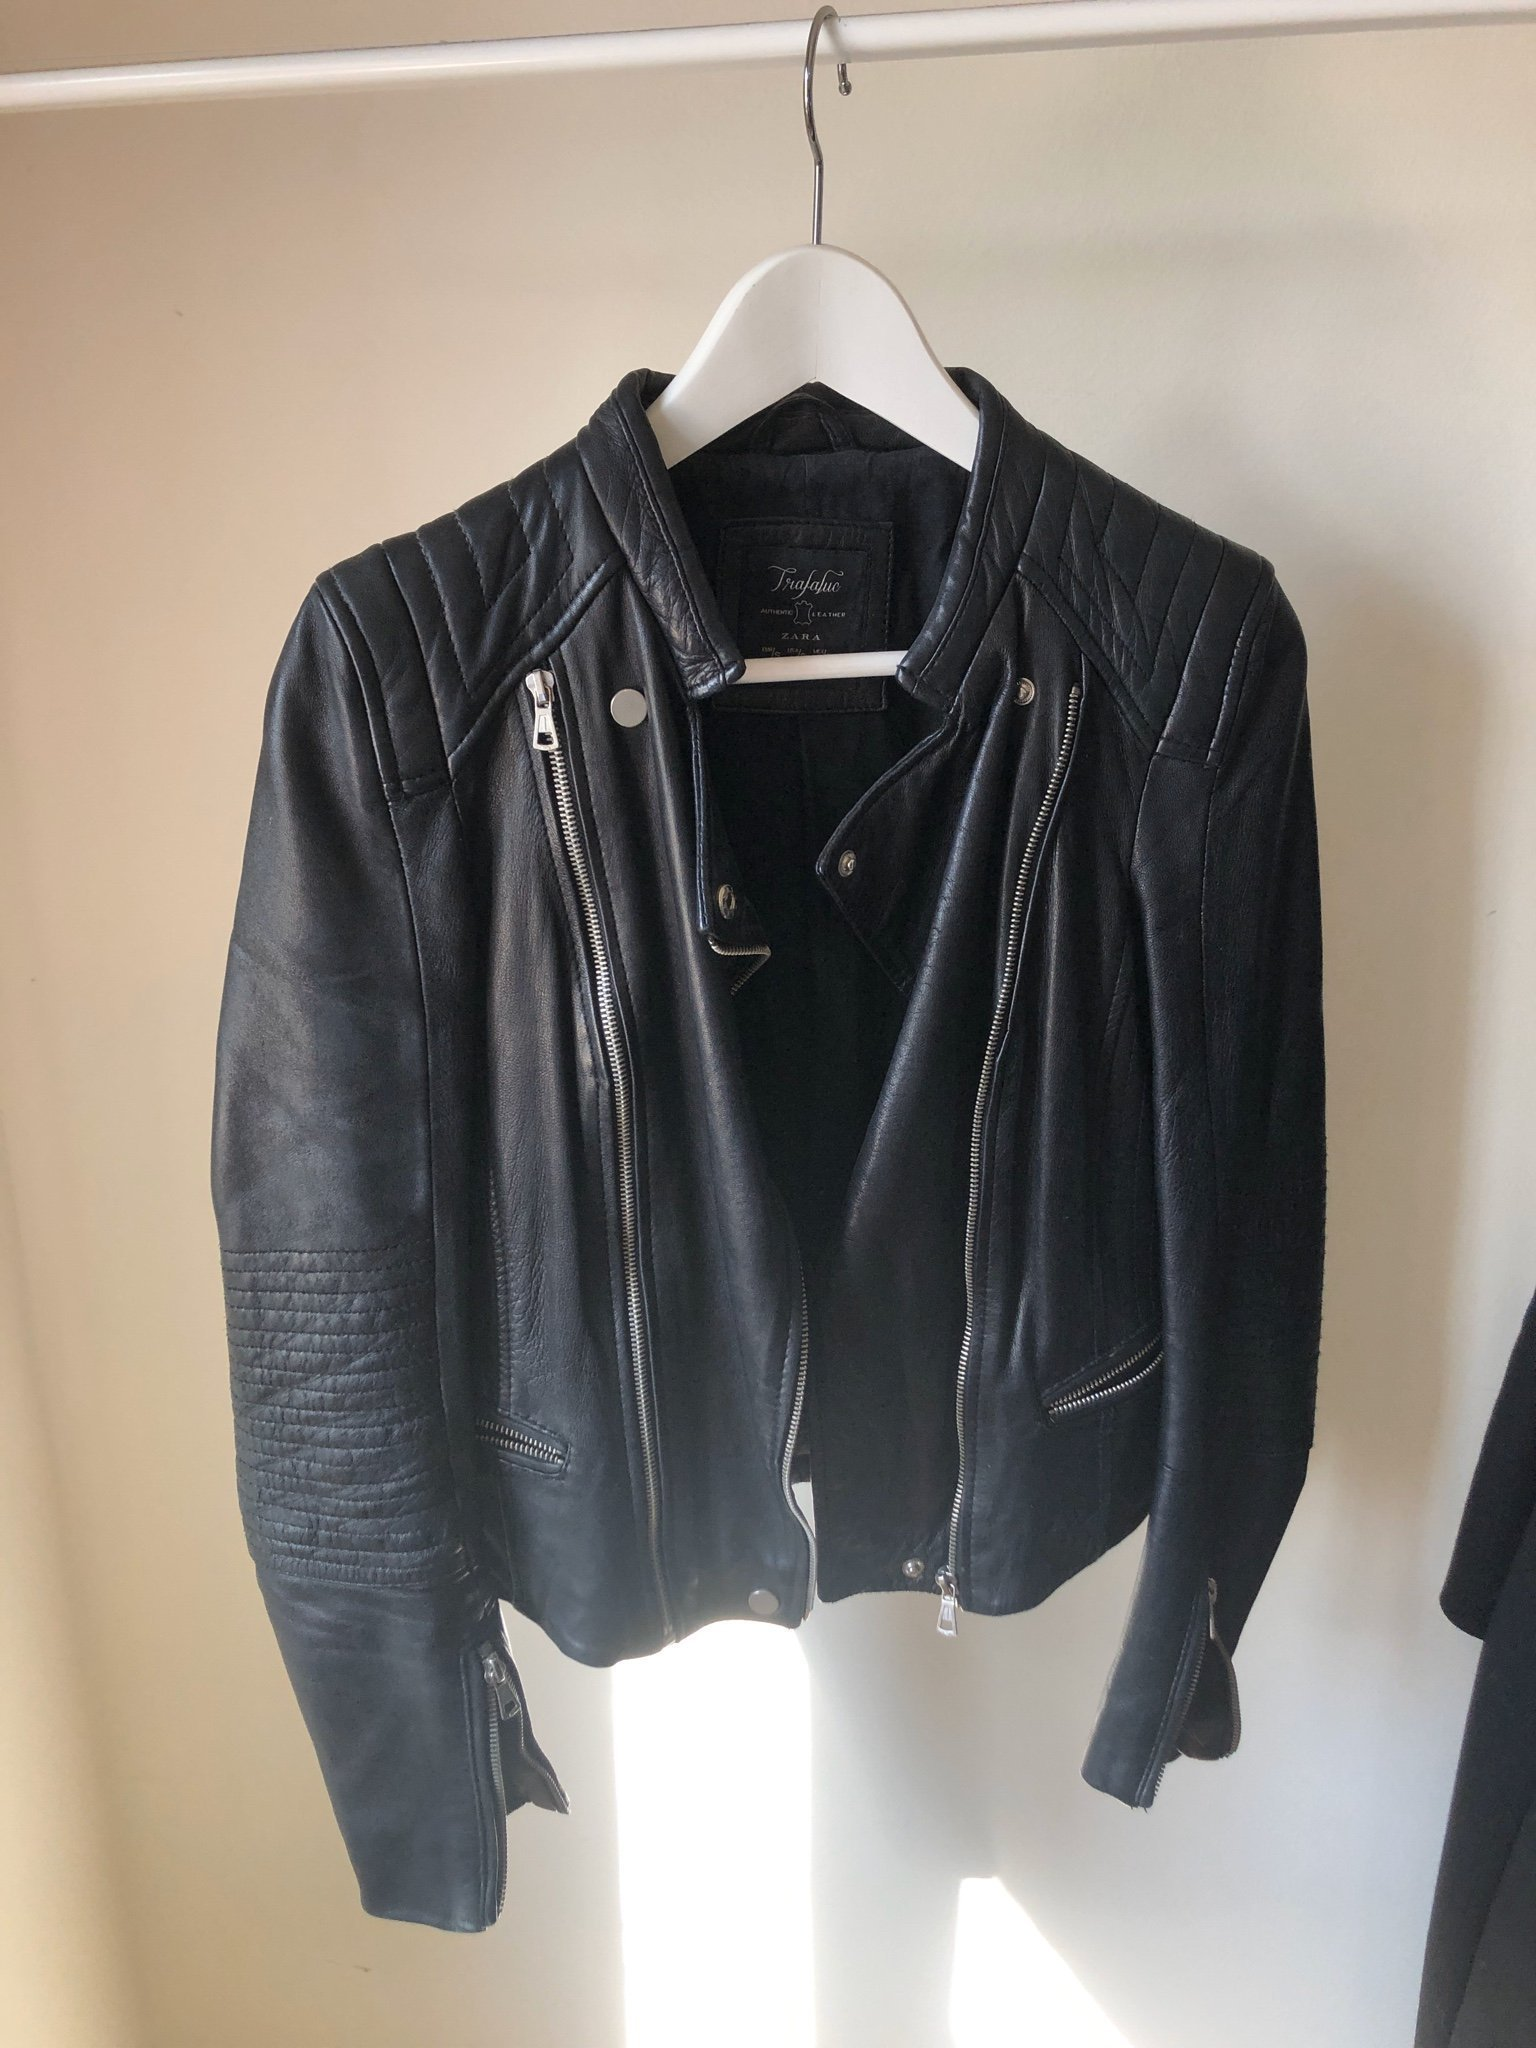 Skinnjacka Zara (394410063) ᐈ Köp på Tradera